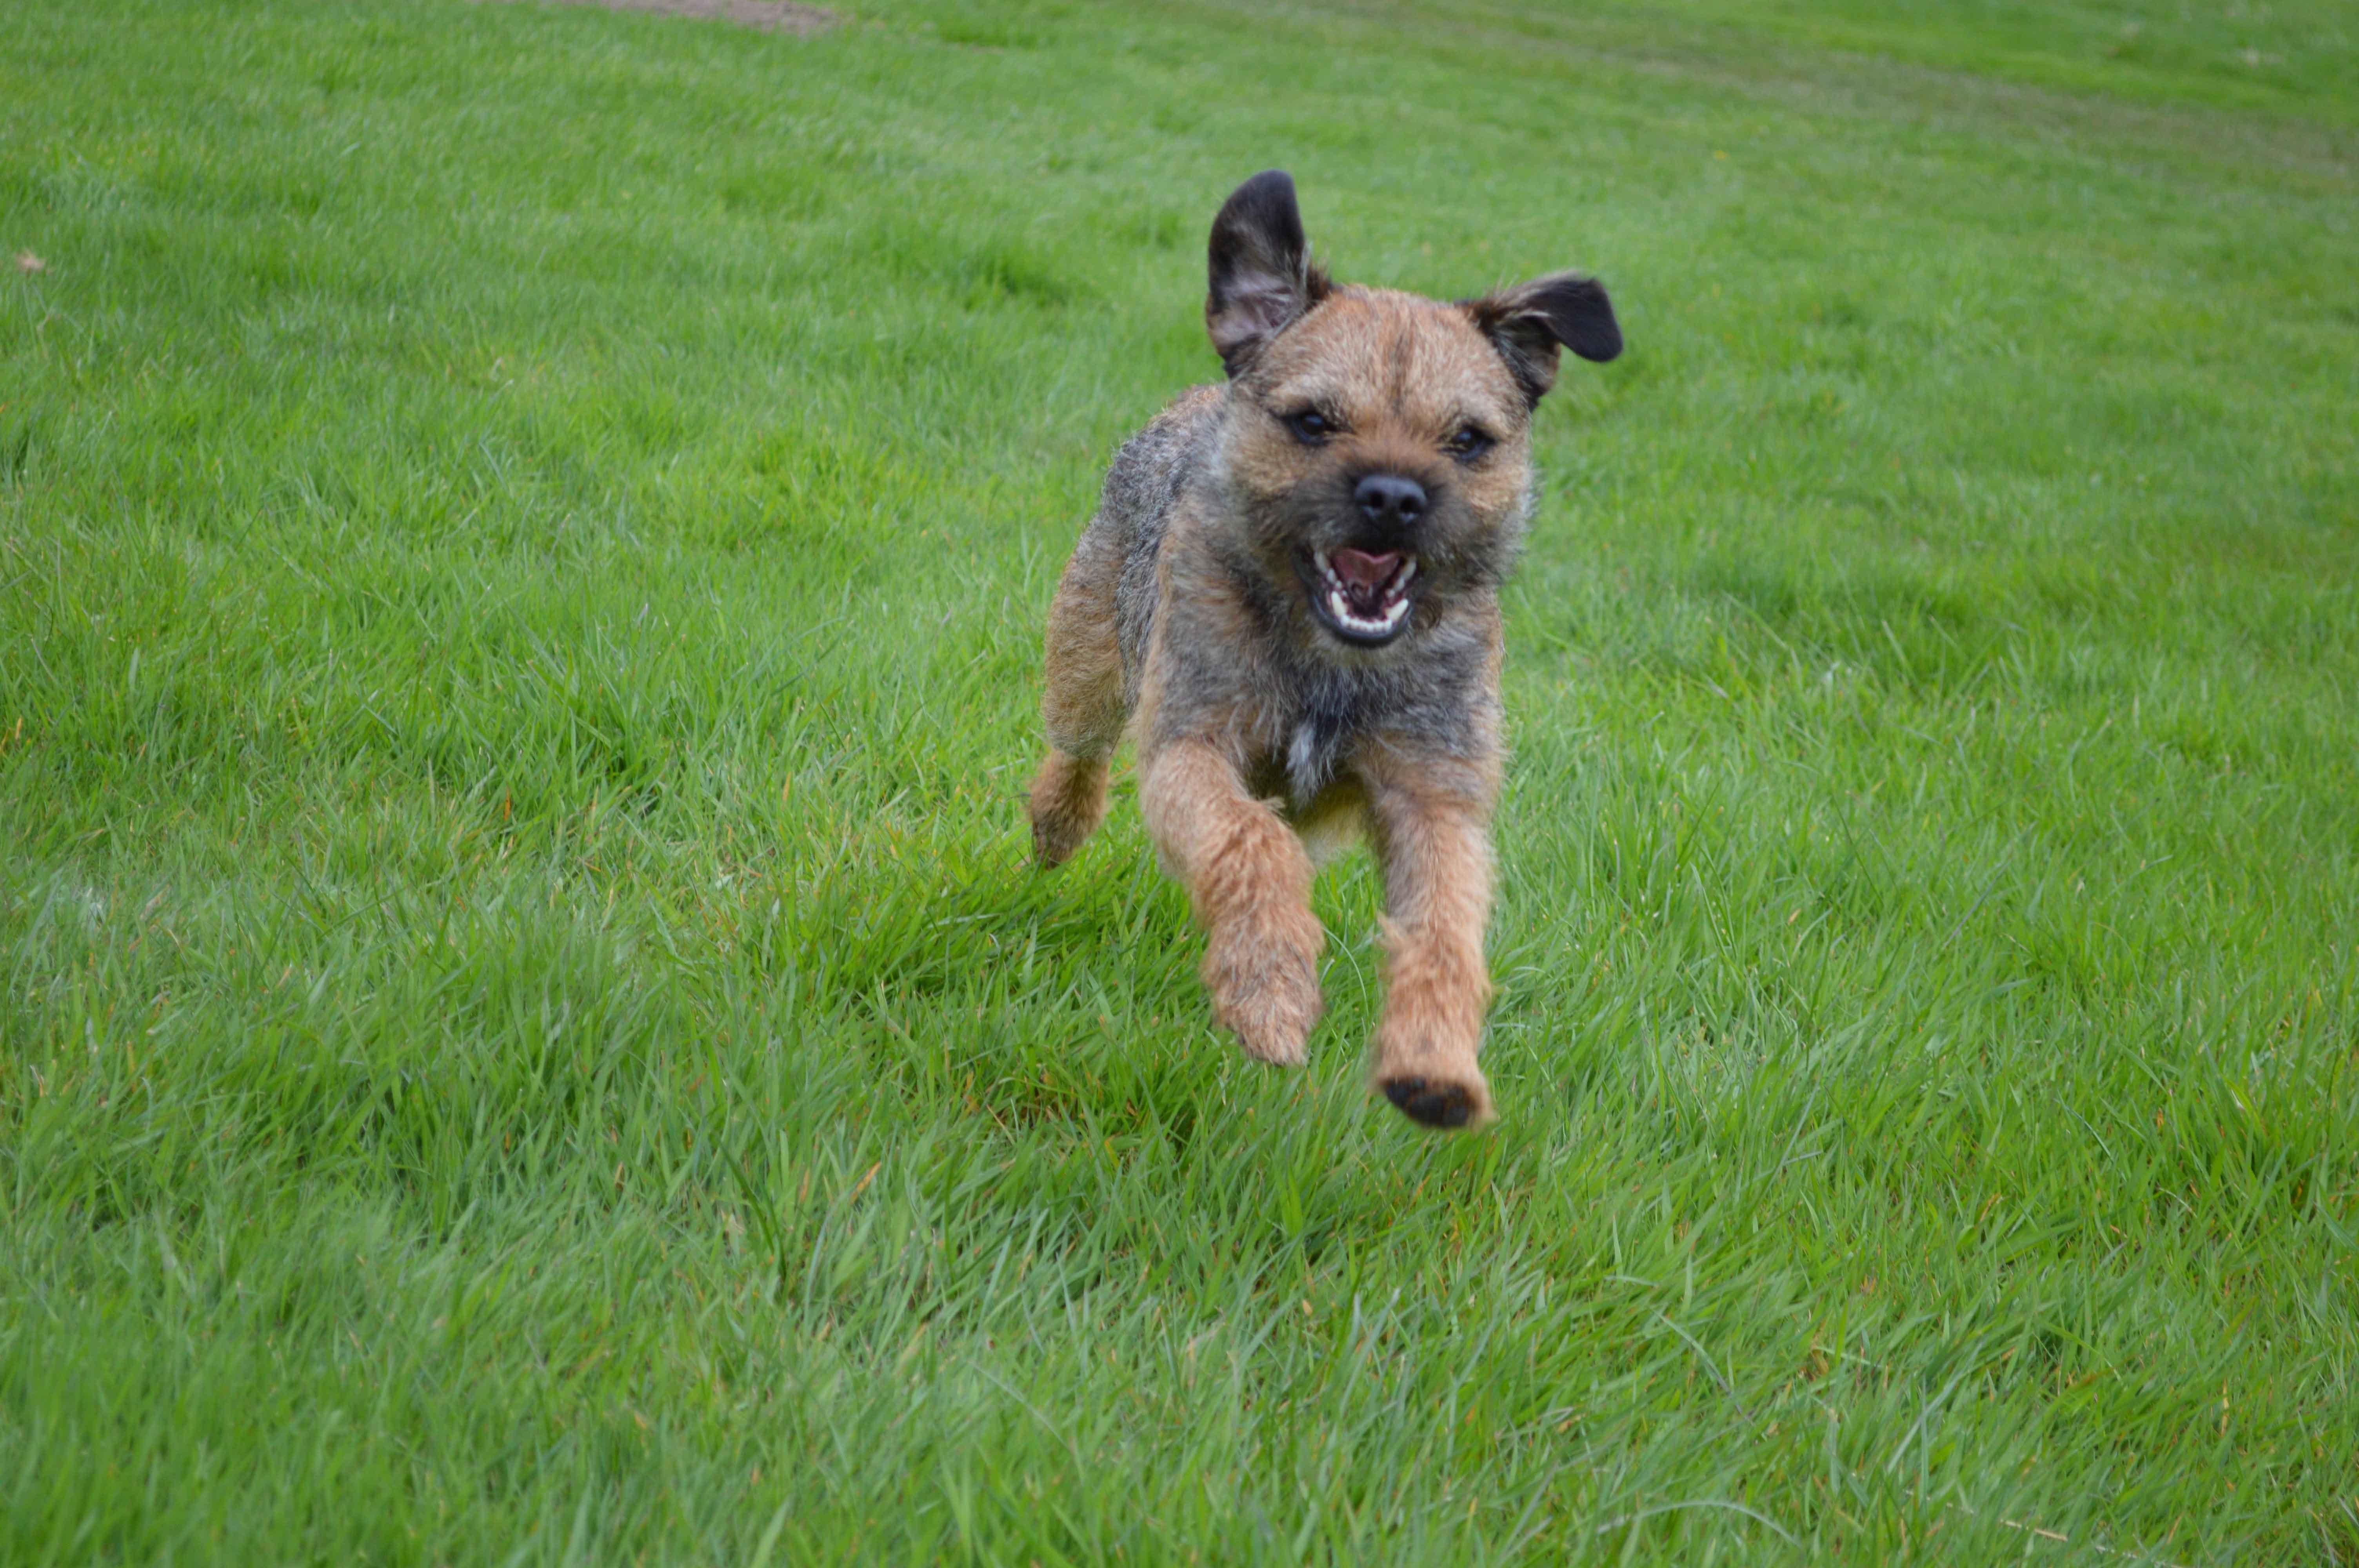 Most Inspiring Cairn Terrier Ball Adorable Dog - grass-dog-mammal-vertebrate-dog-breed-terrier-cairn-terrier-dog-like-mammal-carnivoran-dog-breed-group-german-shepherd-dog-163433  HD_37682  .jpg